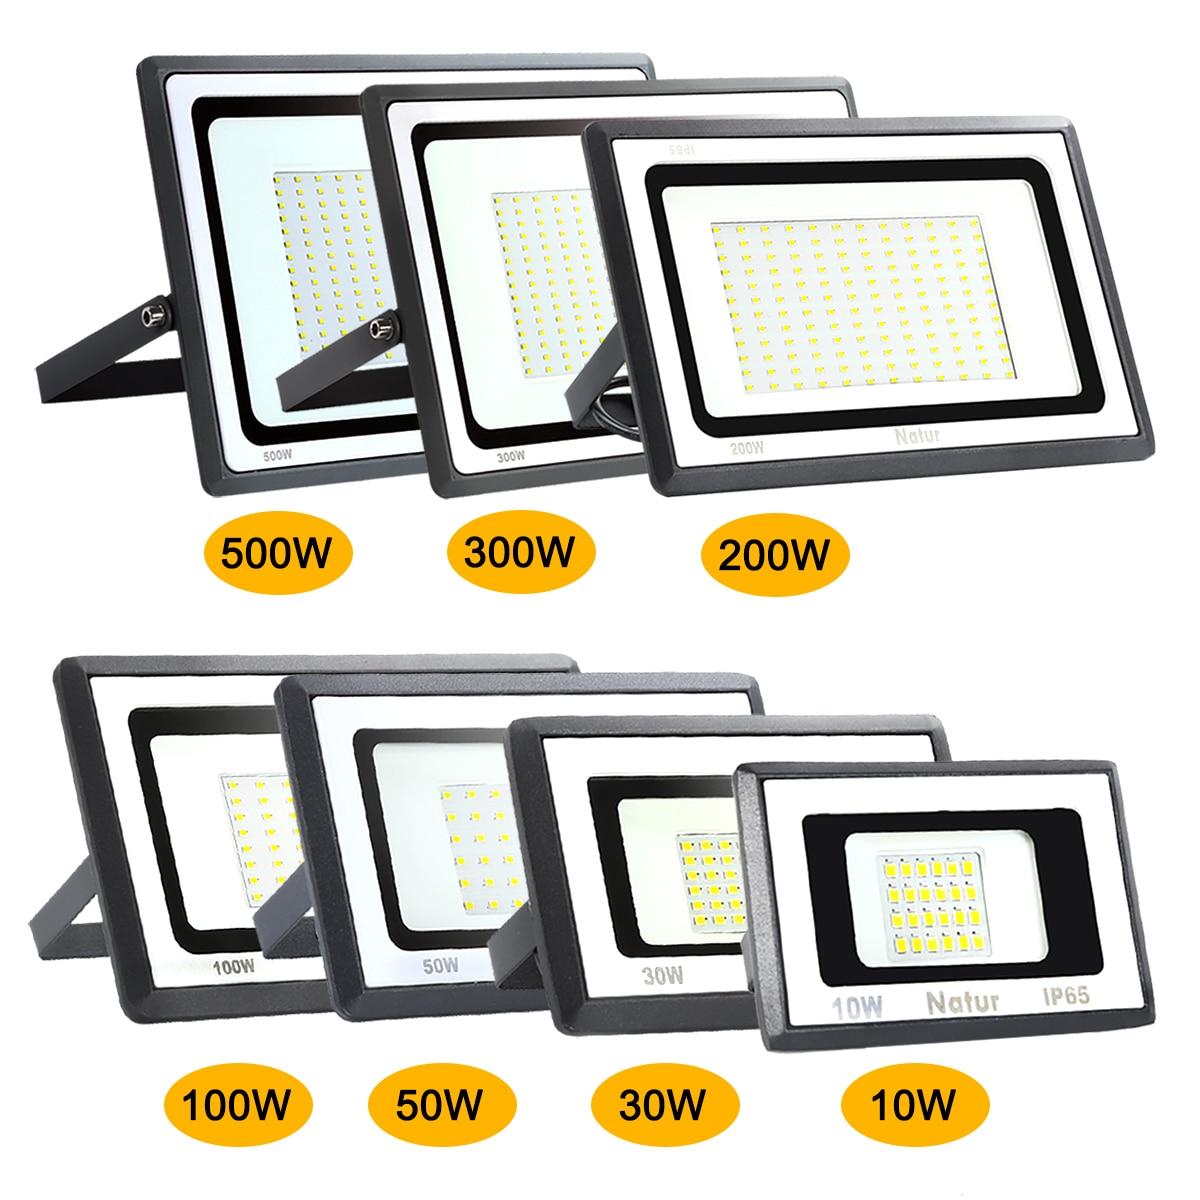 10w/30w/50w/100W/200W/300W/500W Led Floodlight Ip65 Waterproof Of Floodlights Outdoor AC220V Spotlight   Exterior Wall Light